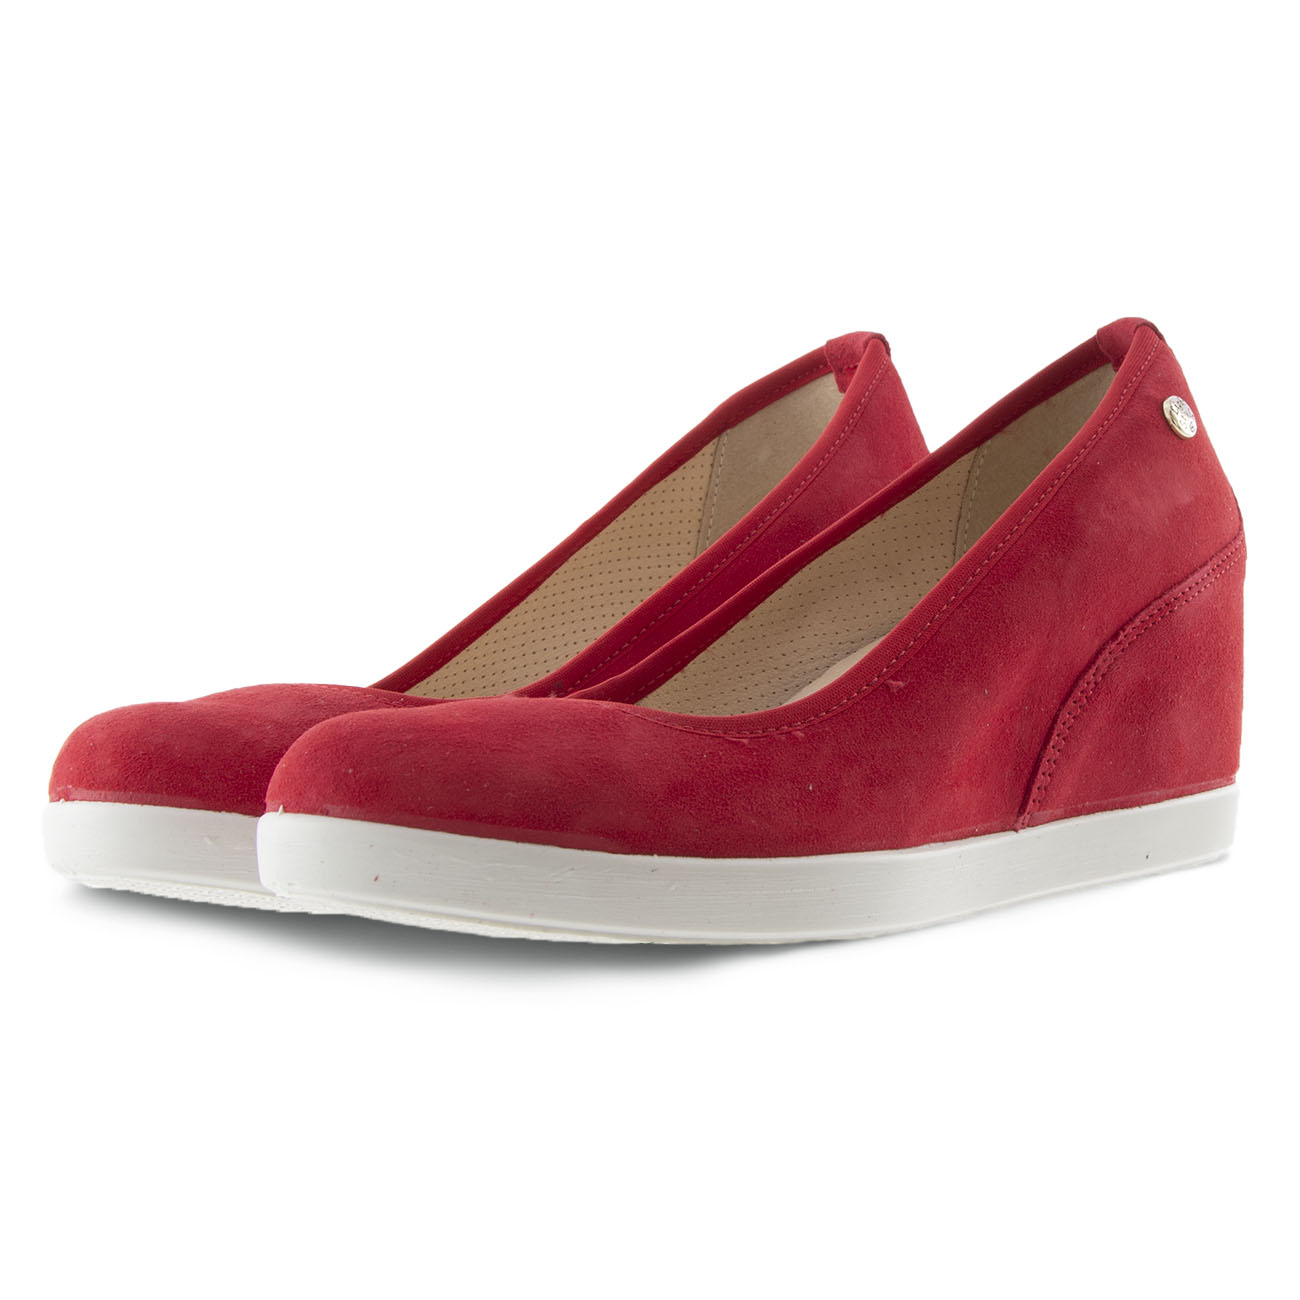 Γυναικεία πλατφόρμα δέρμα κόκκινο IMAC  505671